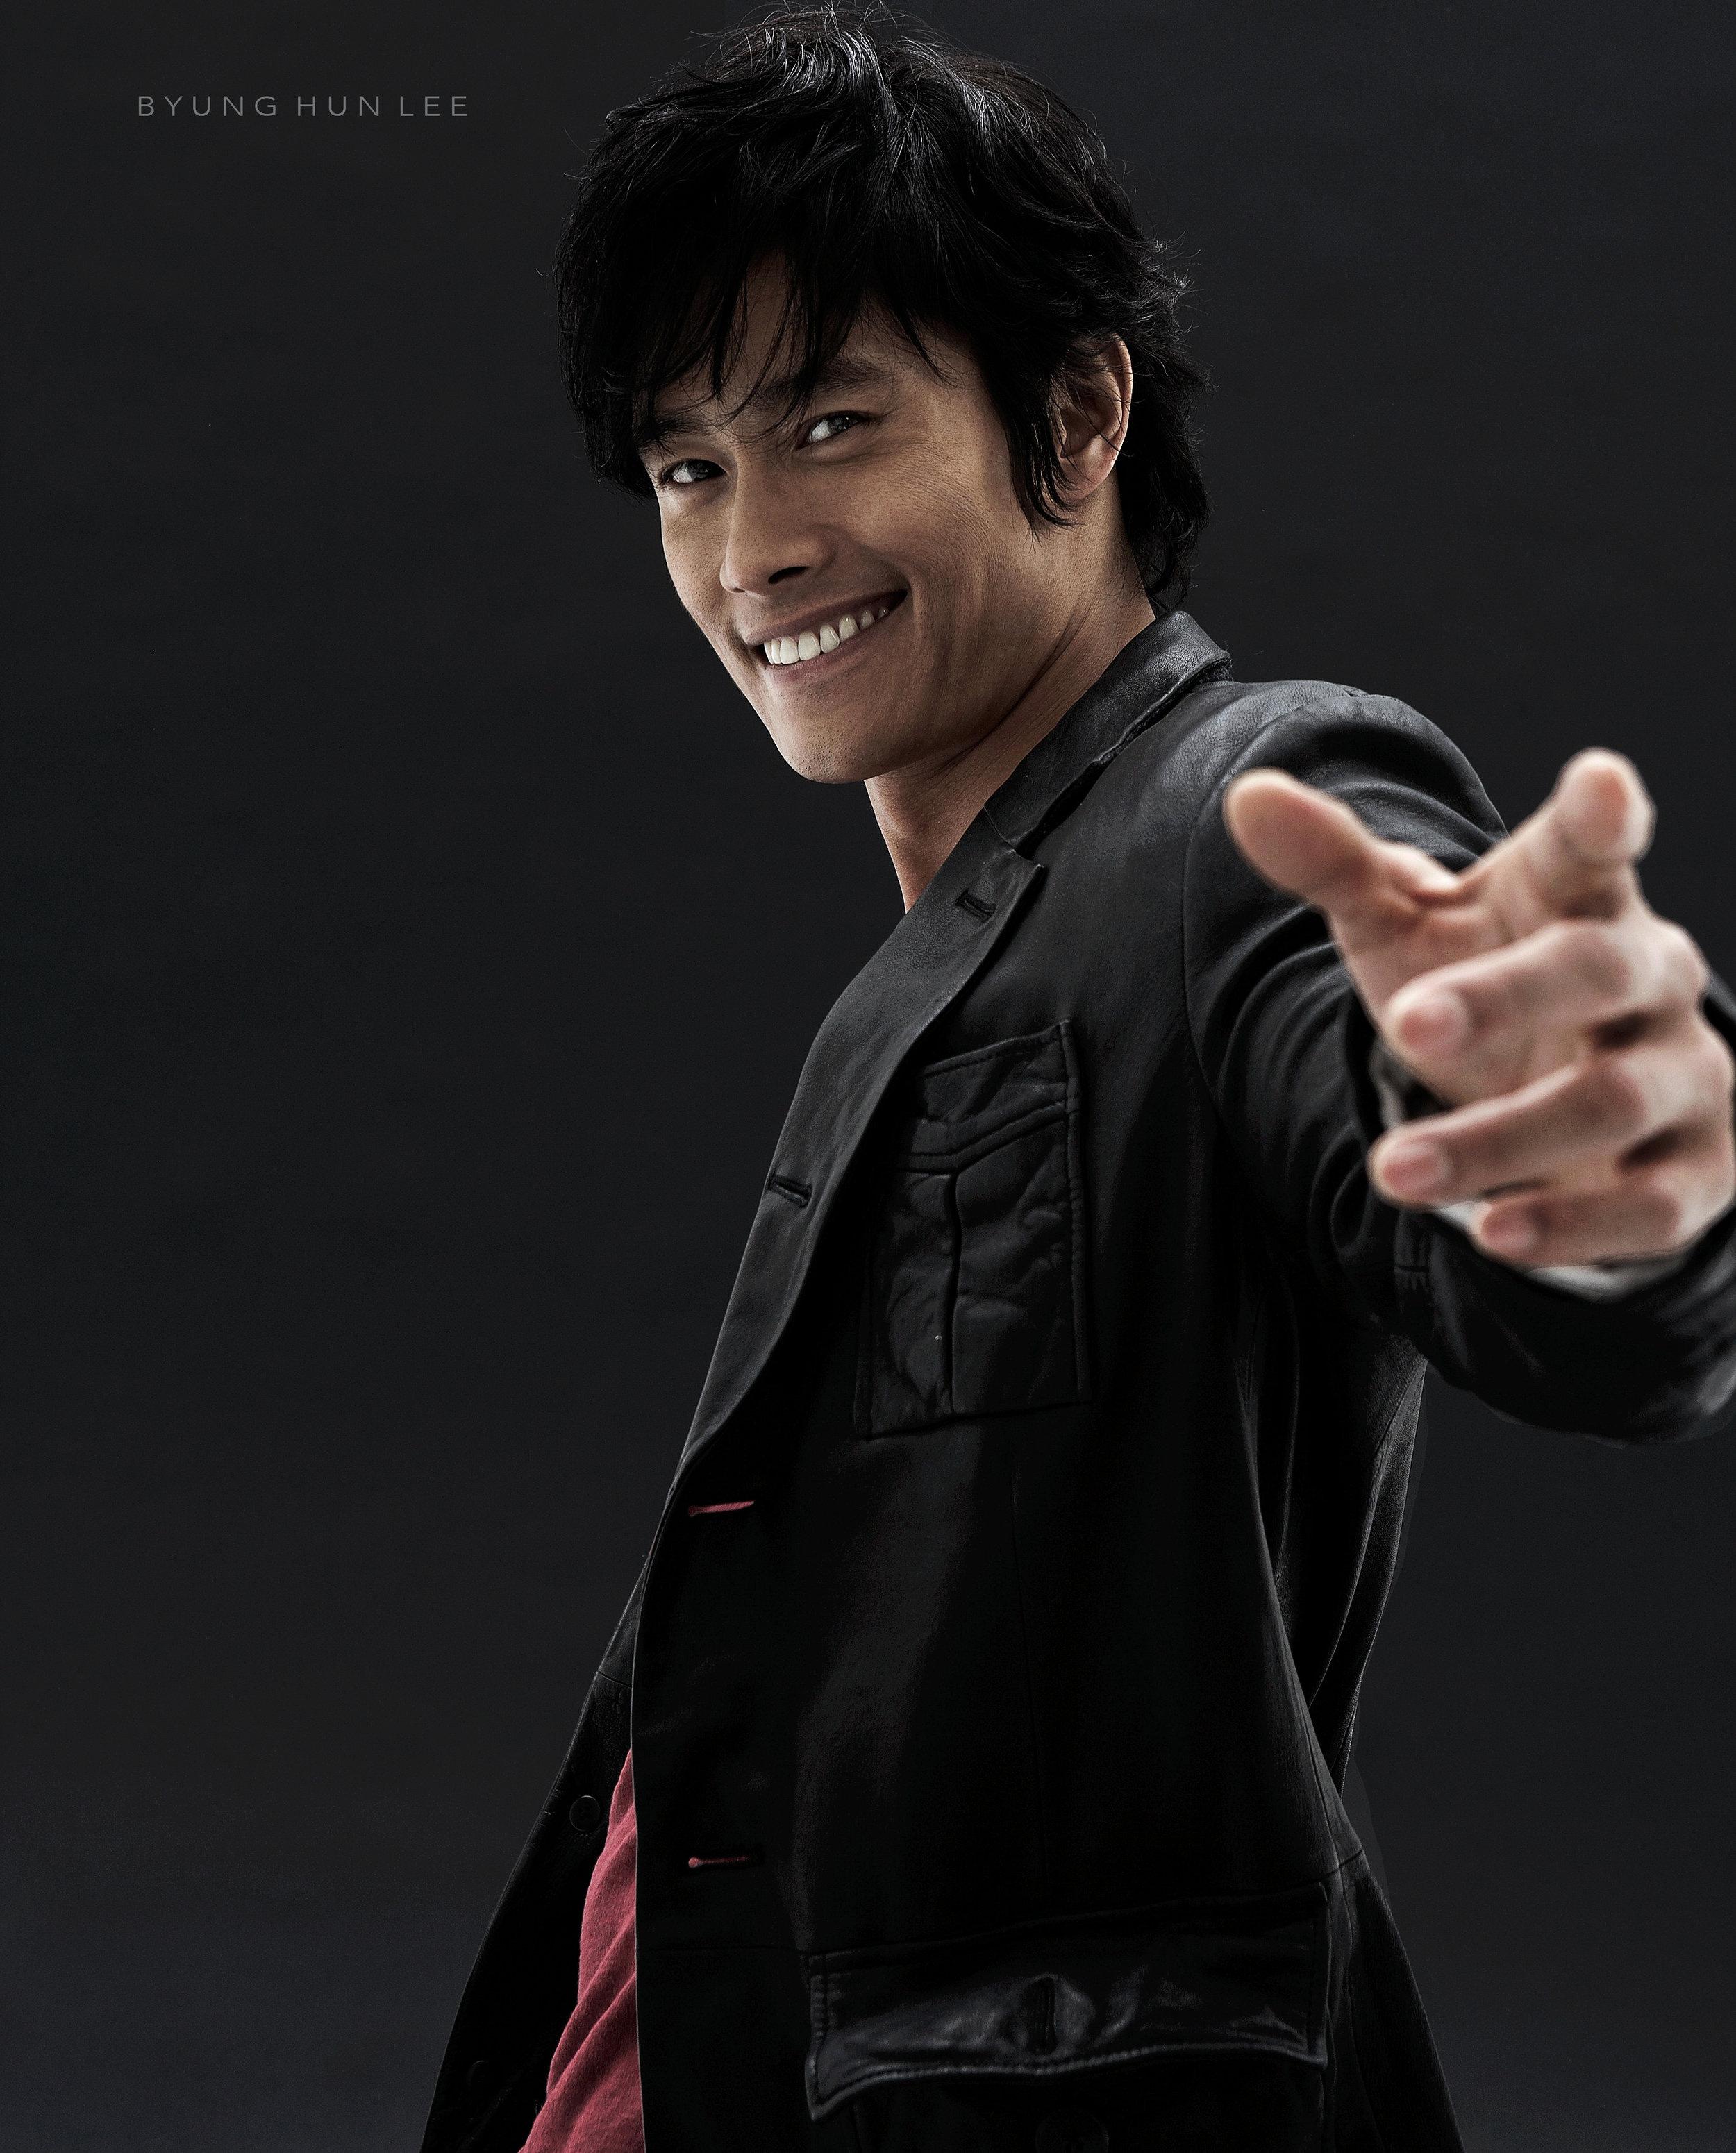 byung-hun-Lee-KS.jpg